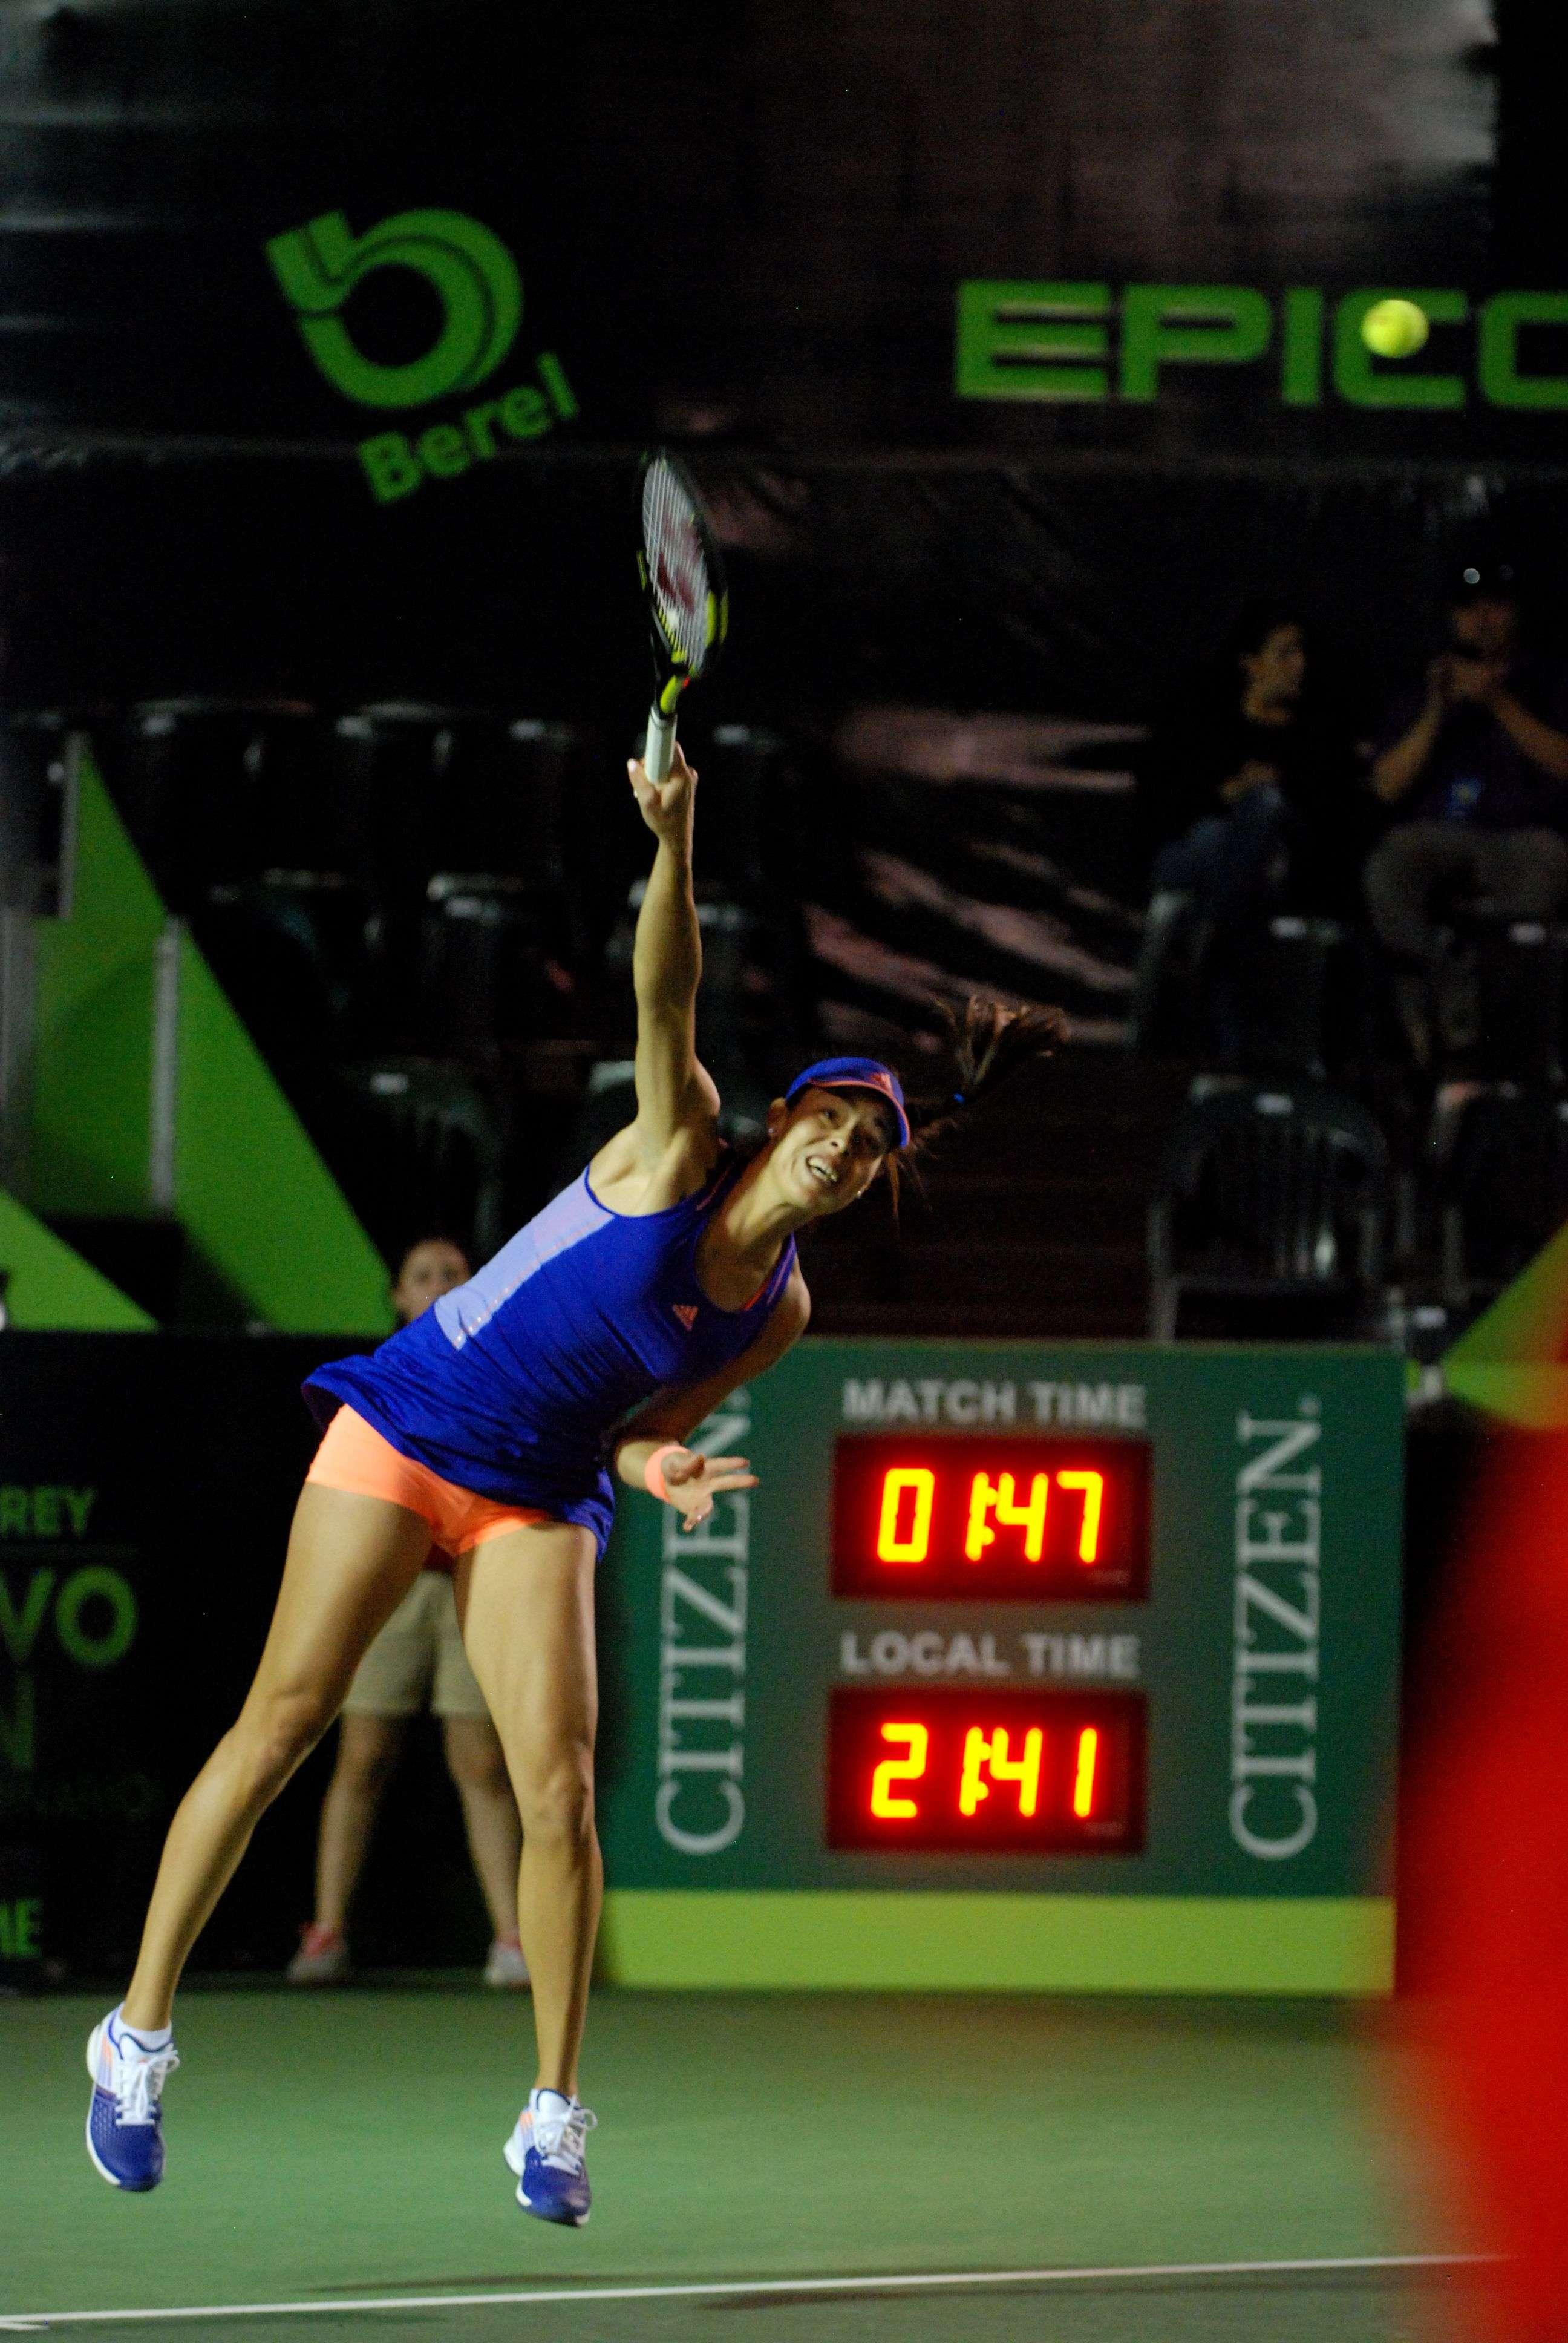 Ana Ivanovic venció por parciales de 6-3 y 6-2 a Pauline Parmentier en el Abierto de Tenis Monterrey 2015. Foto: Emilio López/ Terra